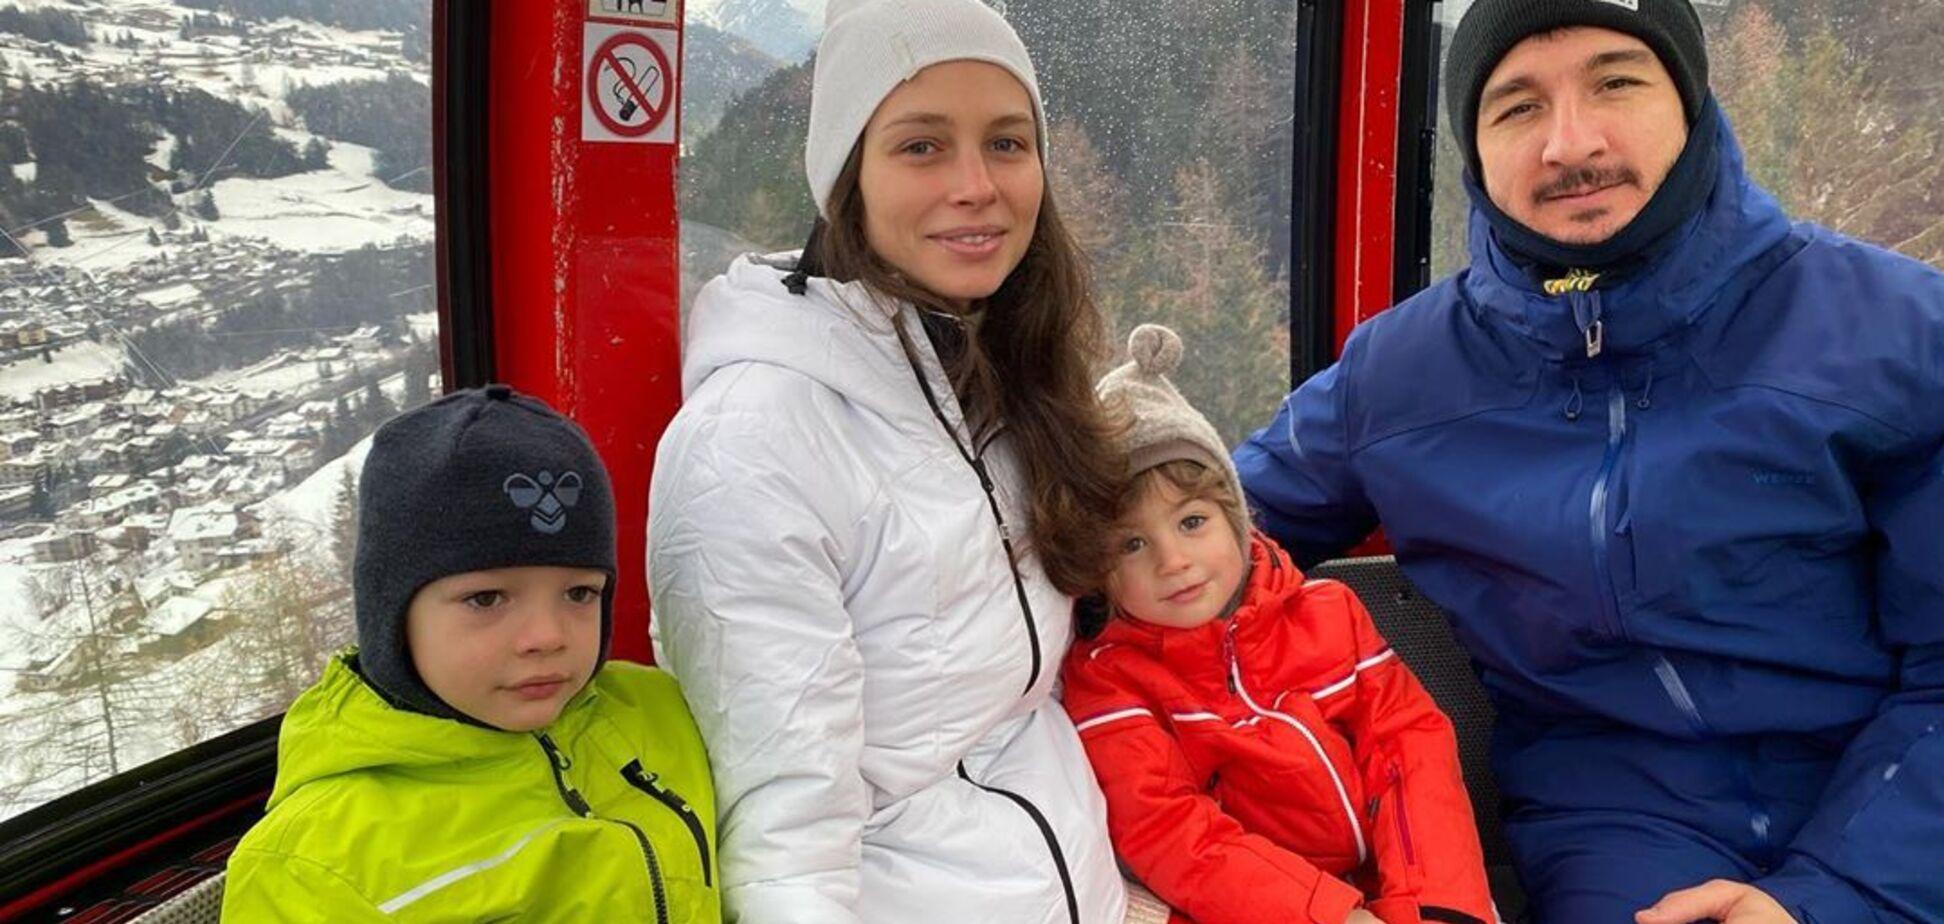 'В Италии так же начиналось': жена Бокетти 'похоронила' решивших 'бухнуть' на карантине россиян